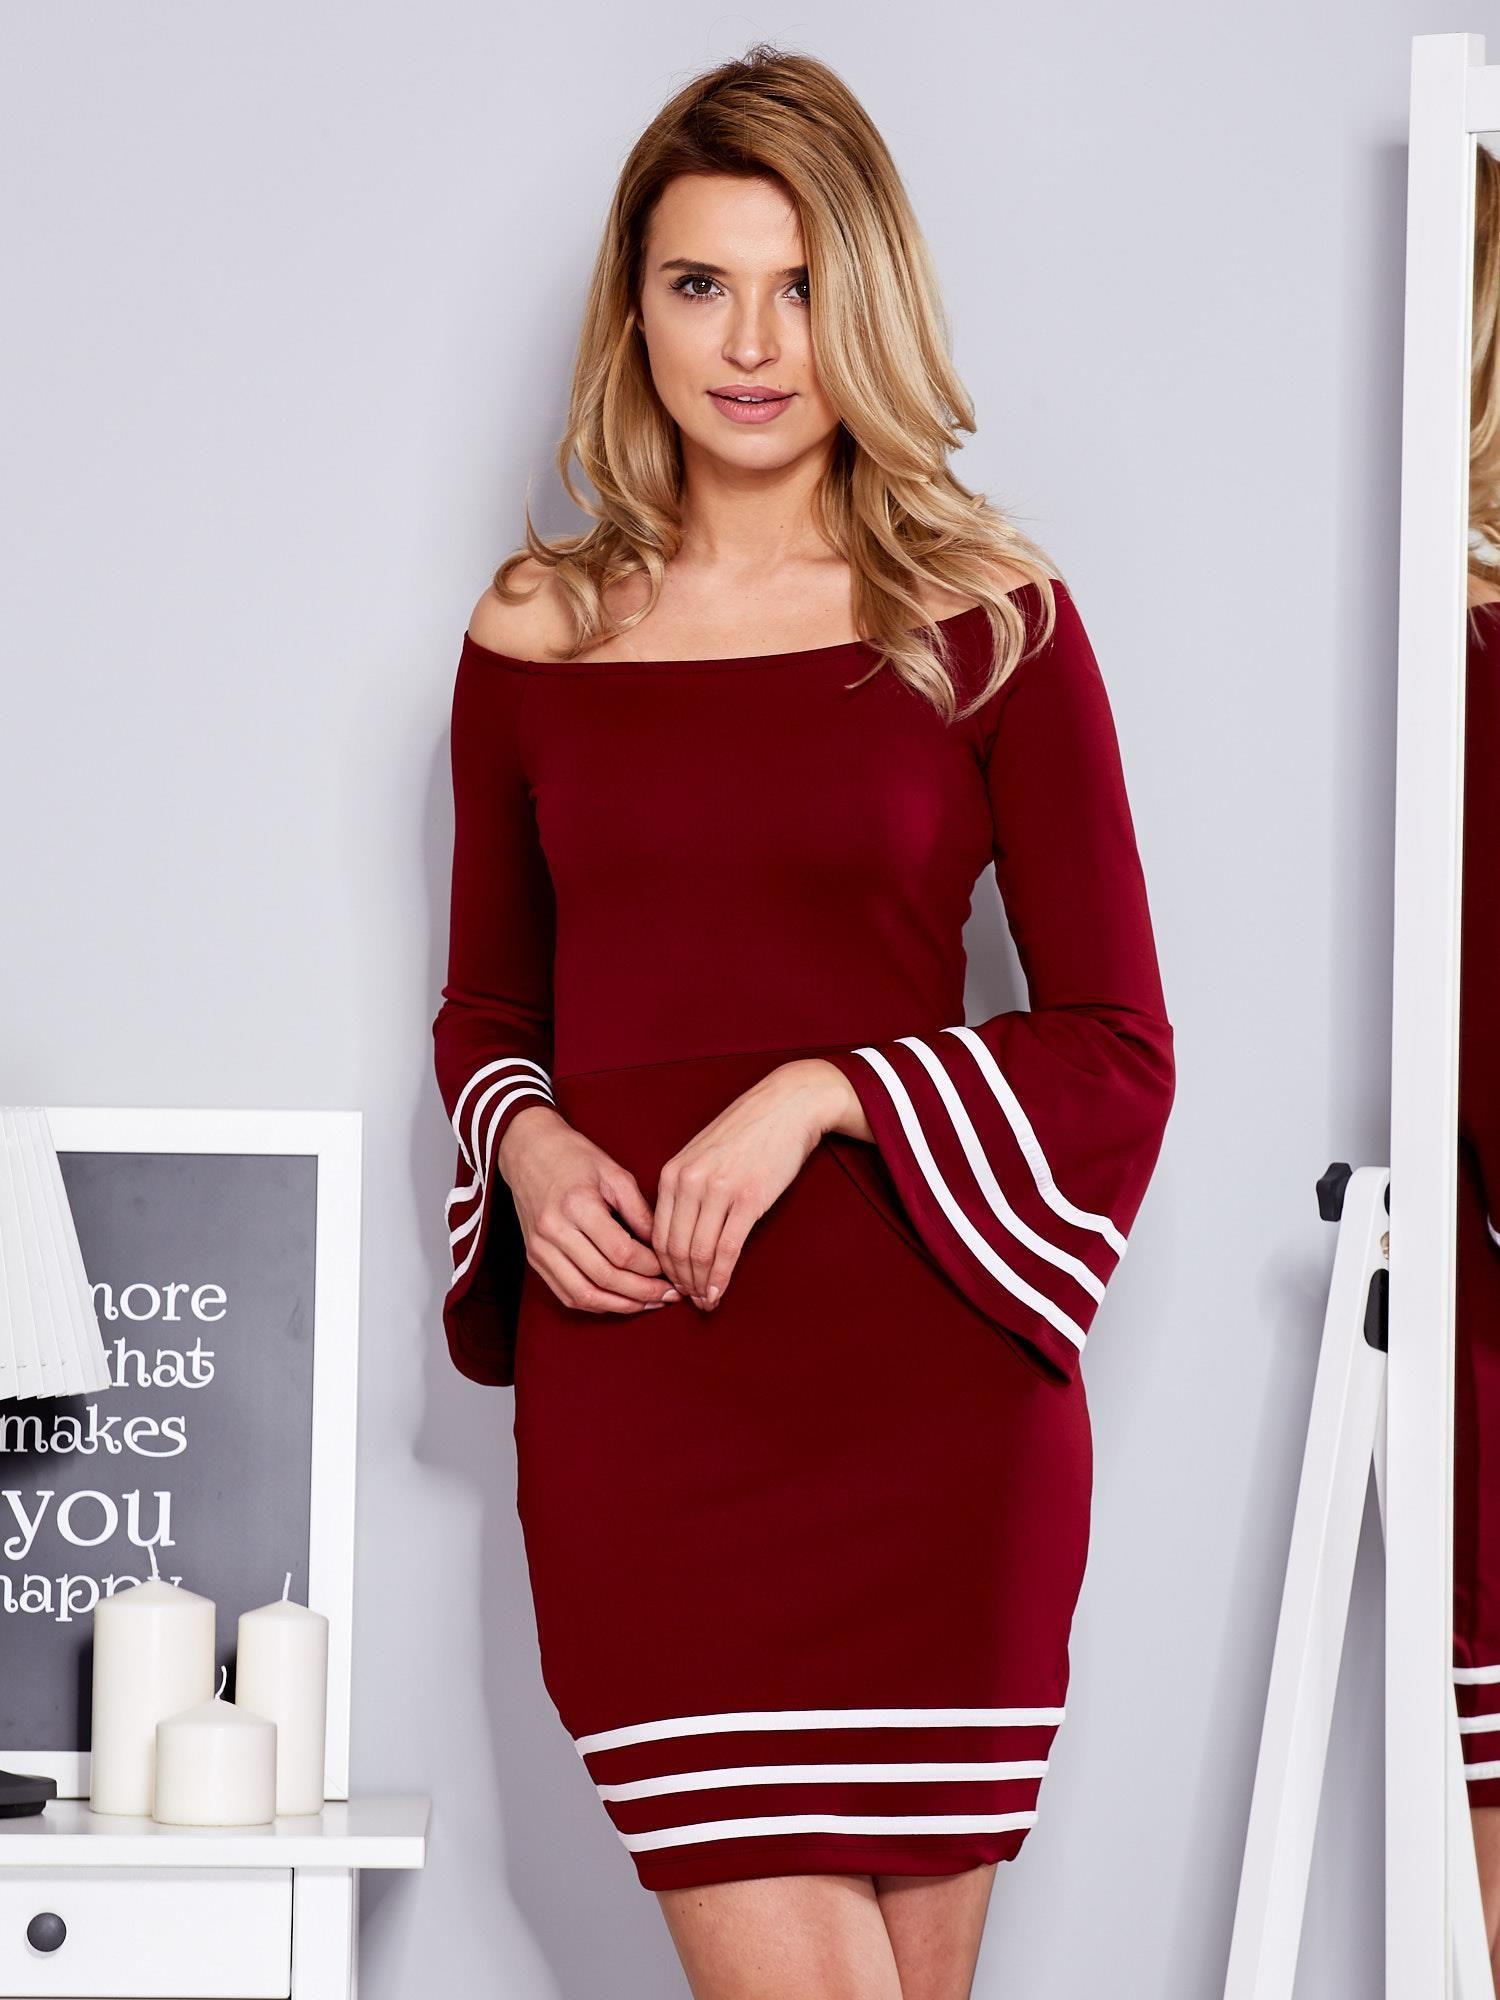 b87930b88a9792 Bordowa sukienka z szerokim rękawem - Sukienka koktajlowa - sklep ...